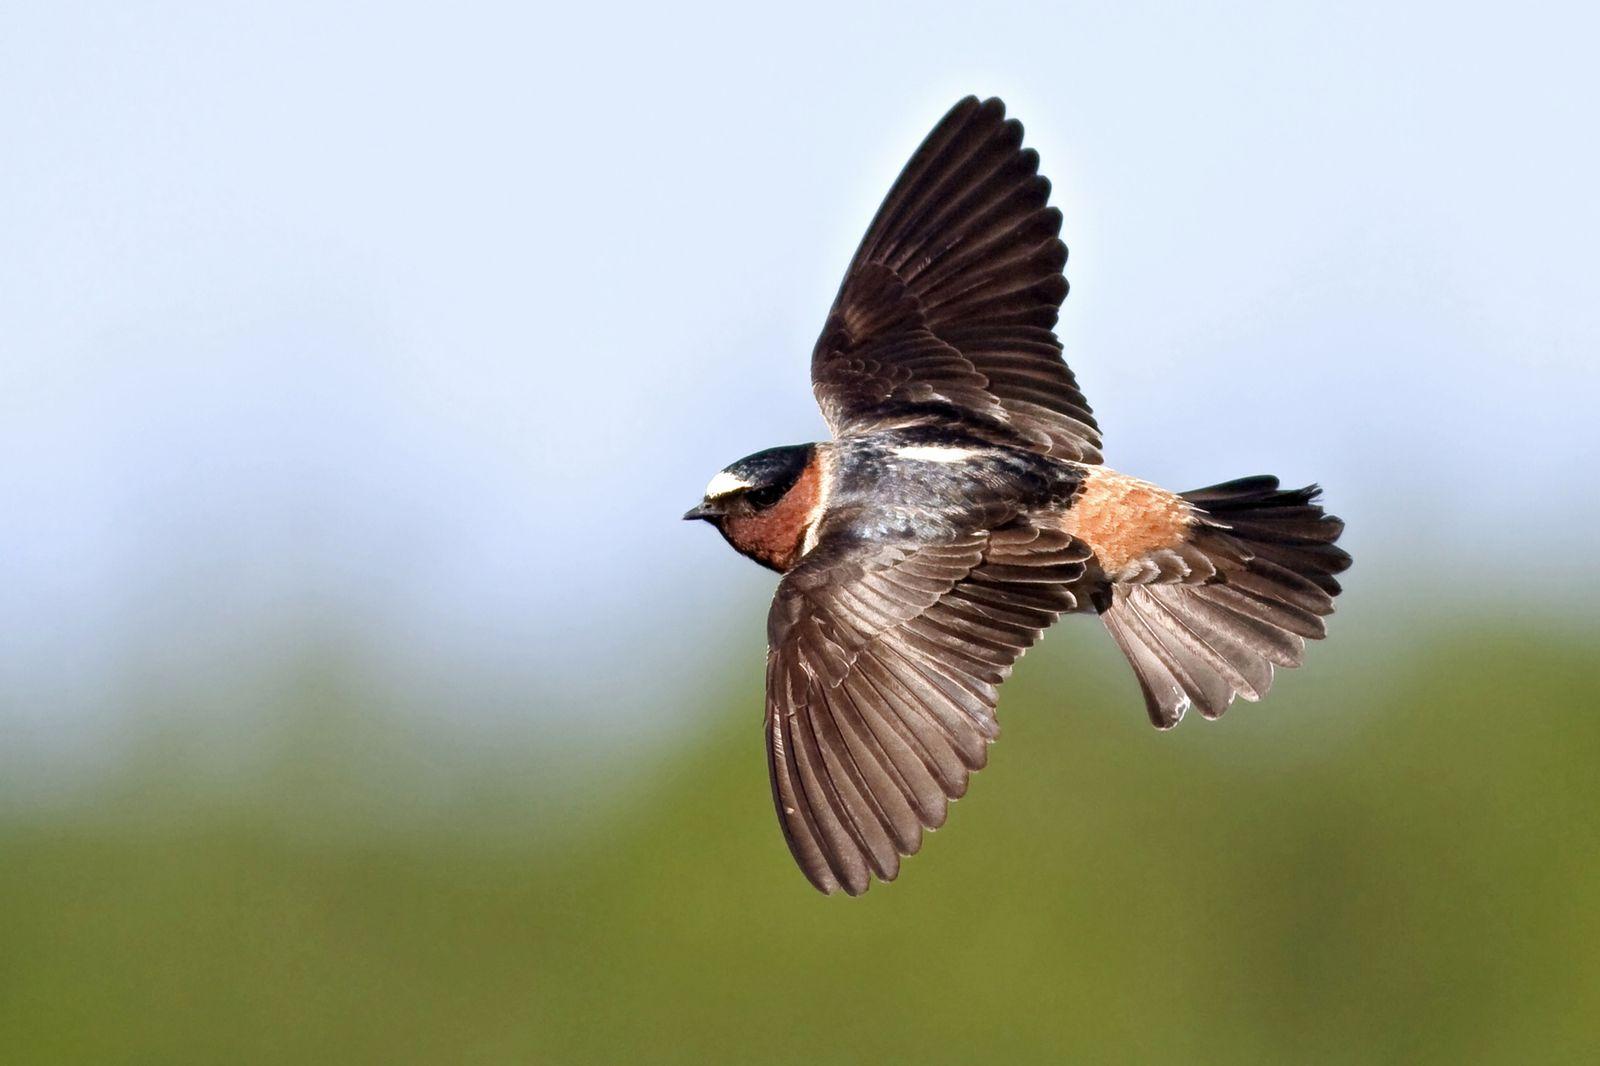 NICHT MEHR VERWENDEN! - Faltstirnschwalbe / Flügel